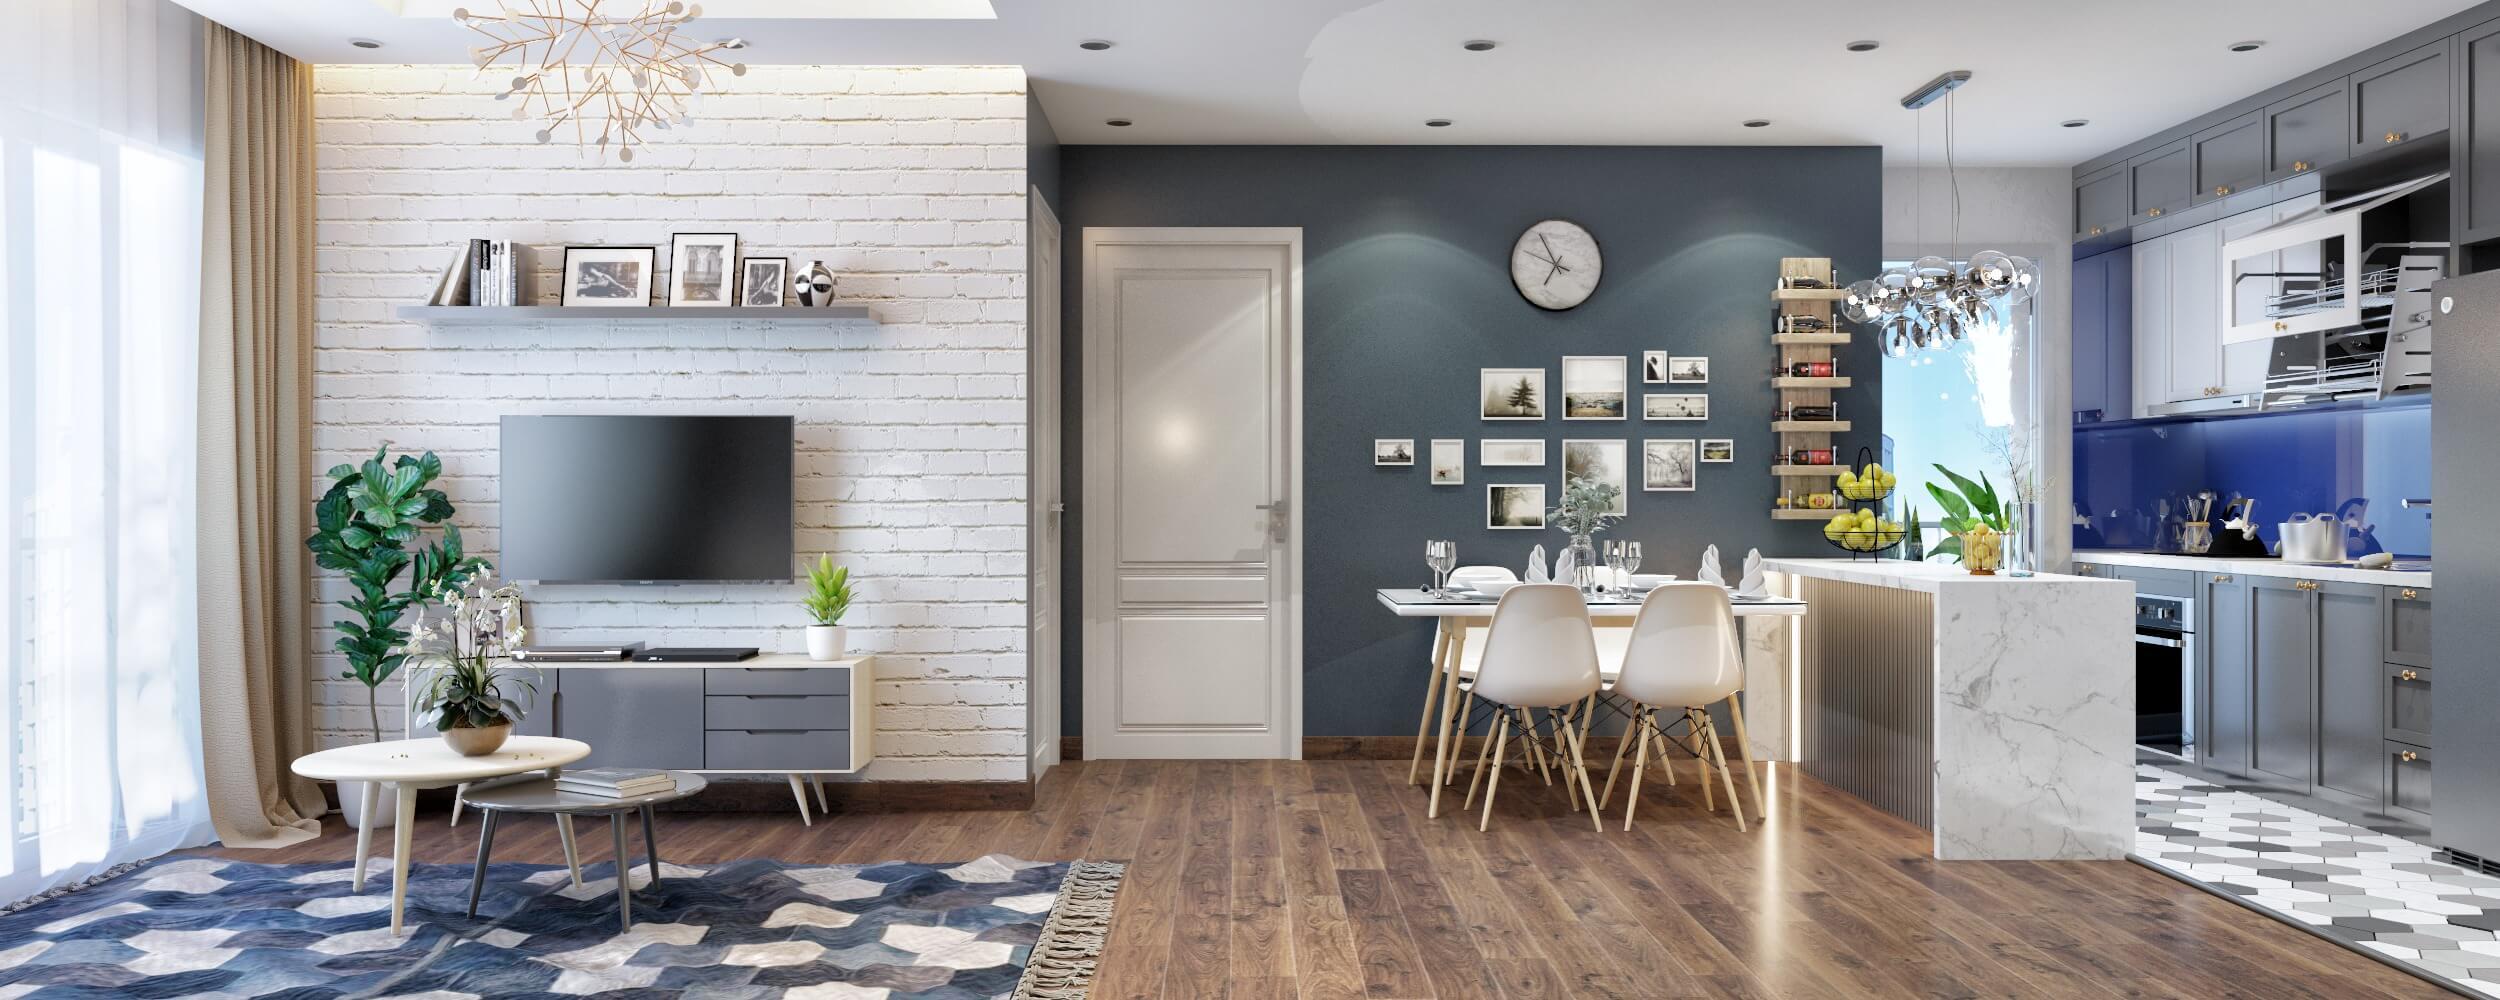 Phòng khách bếp được thiết kế tiện lợi